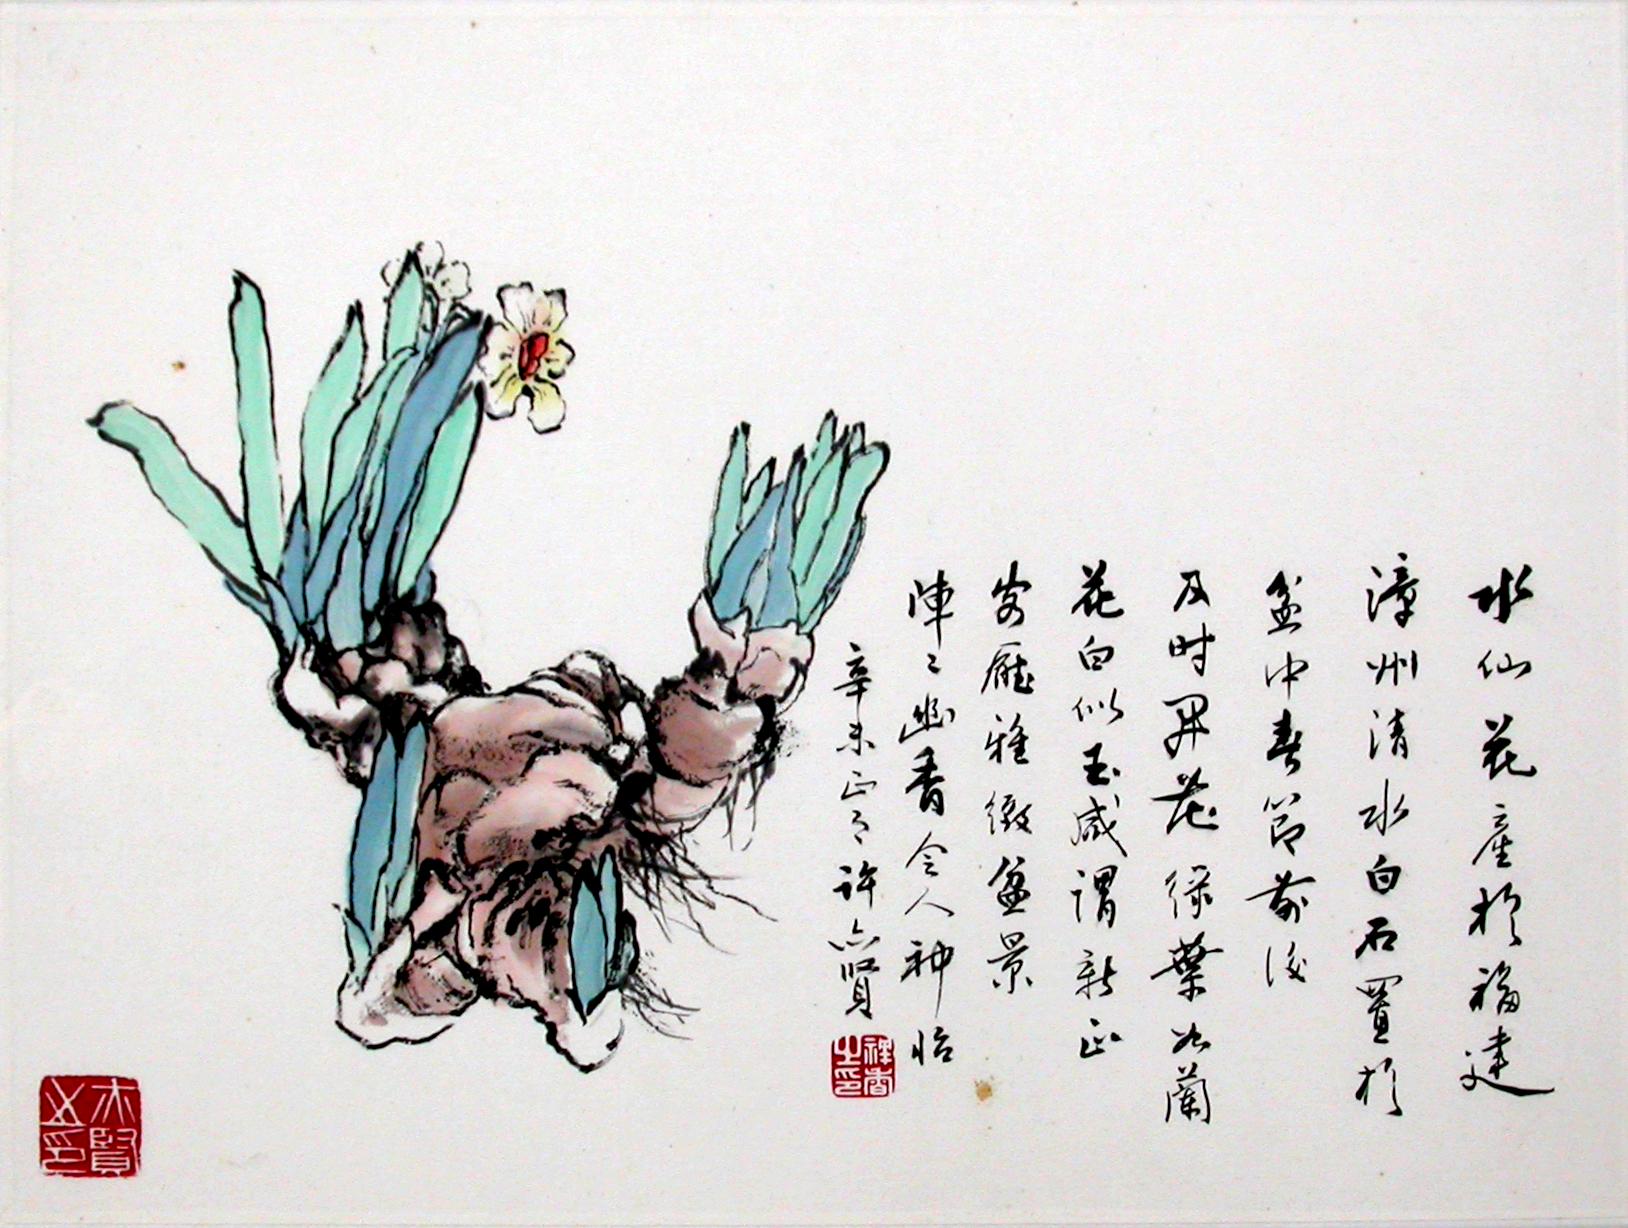 《水仙花》 父親許祥香先生1991年作於台北